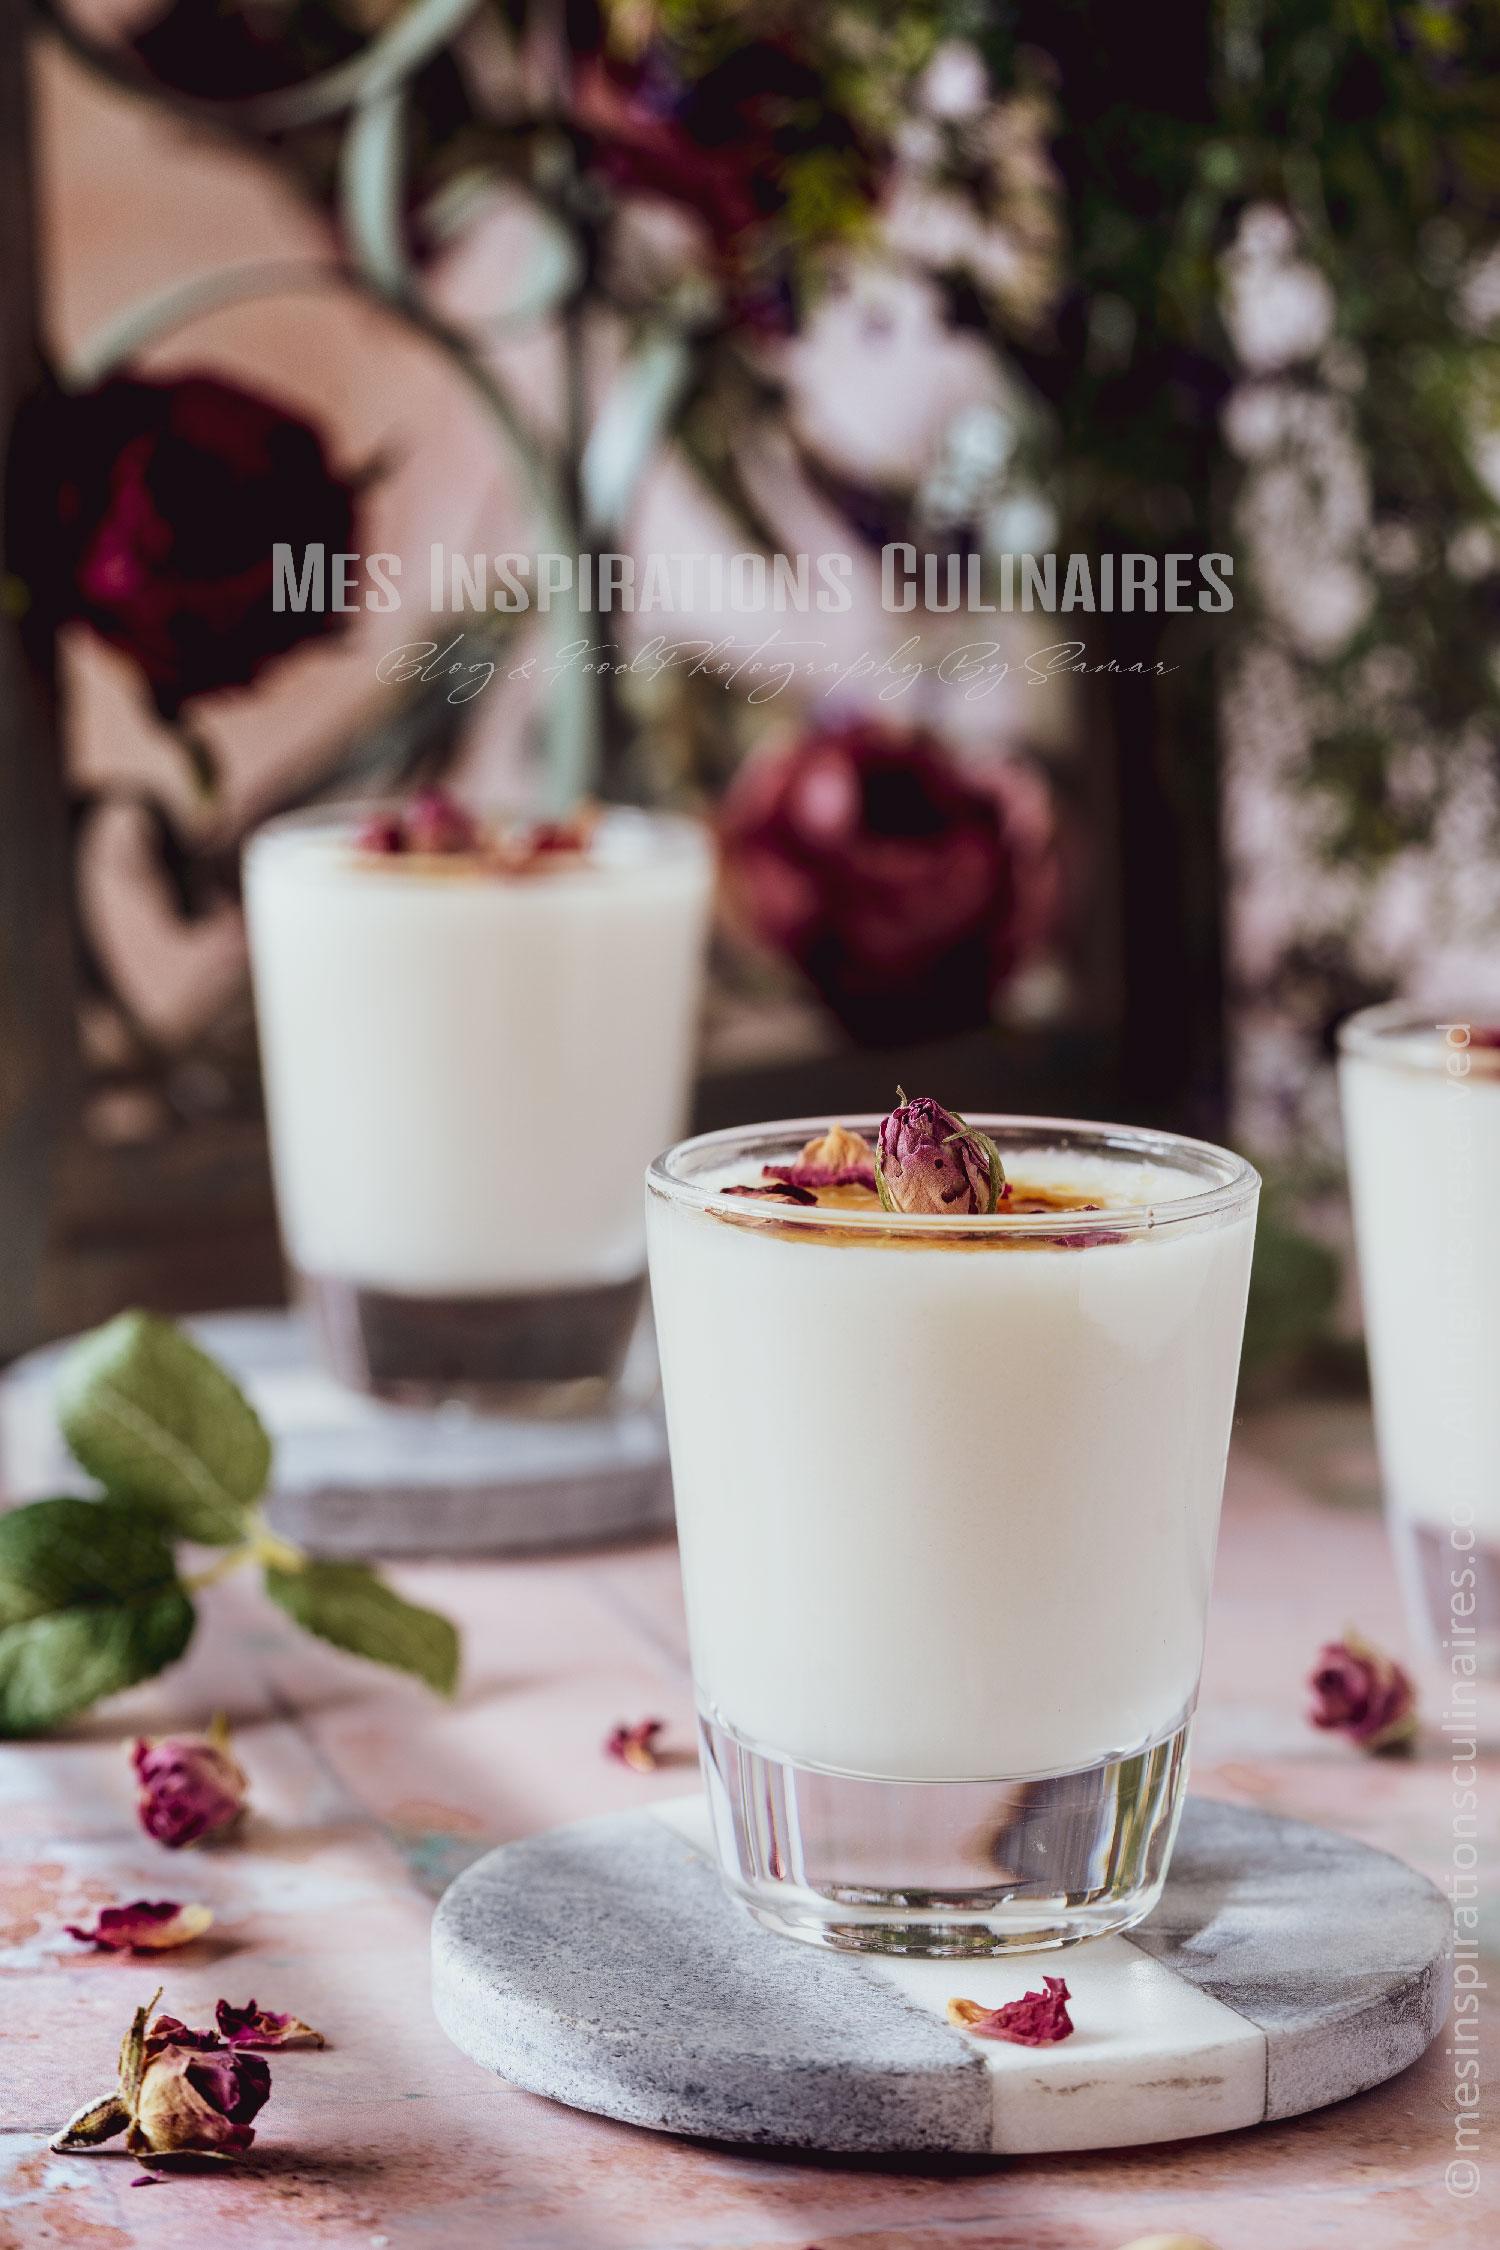 Recette mhalbi a l'eau de rose